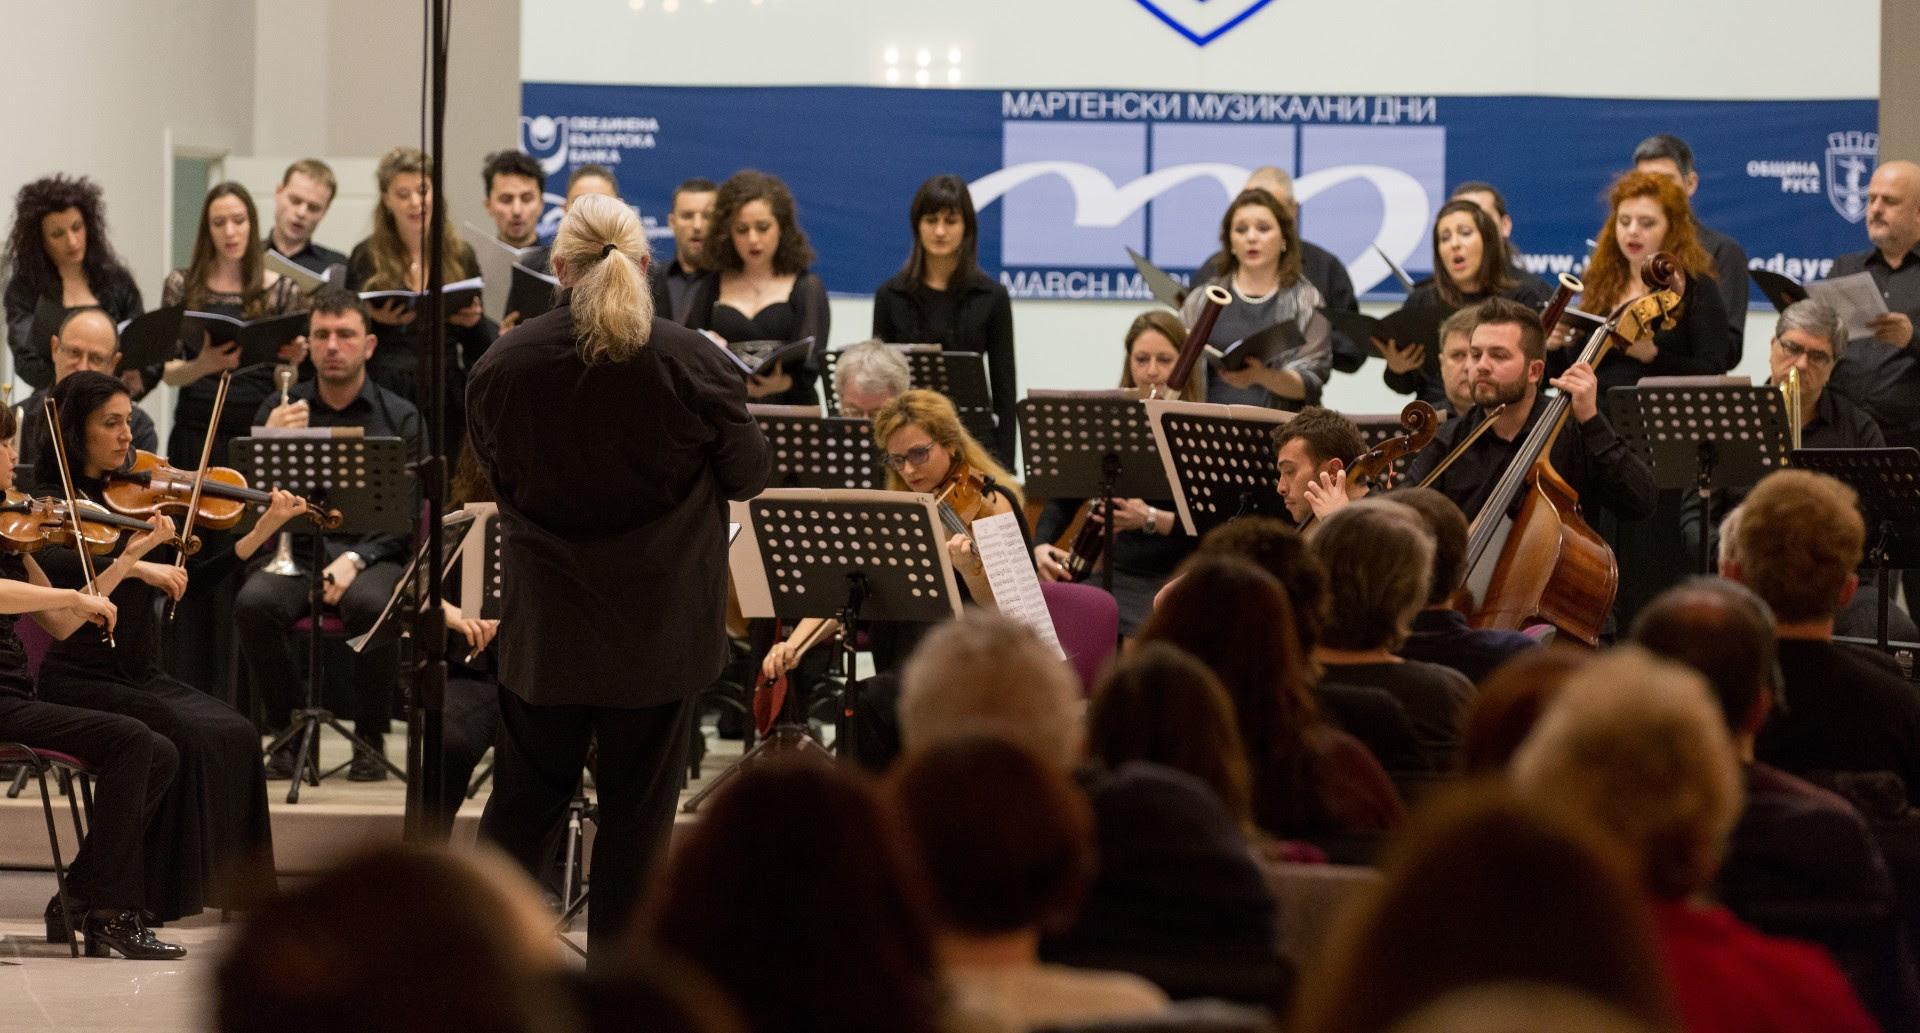 """Програмата на МФ """"Мартенски музикални дни"""" продължава на 25 септември"""